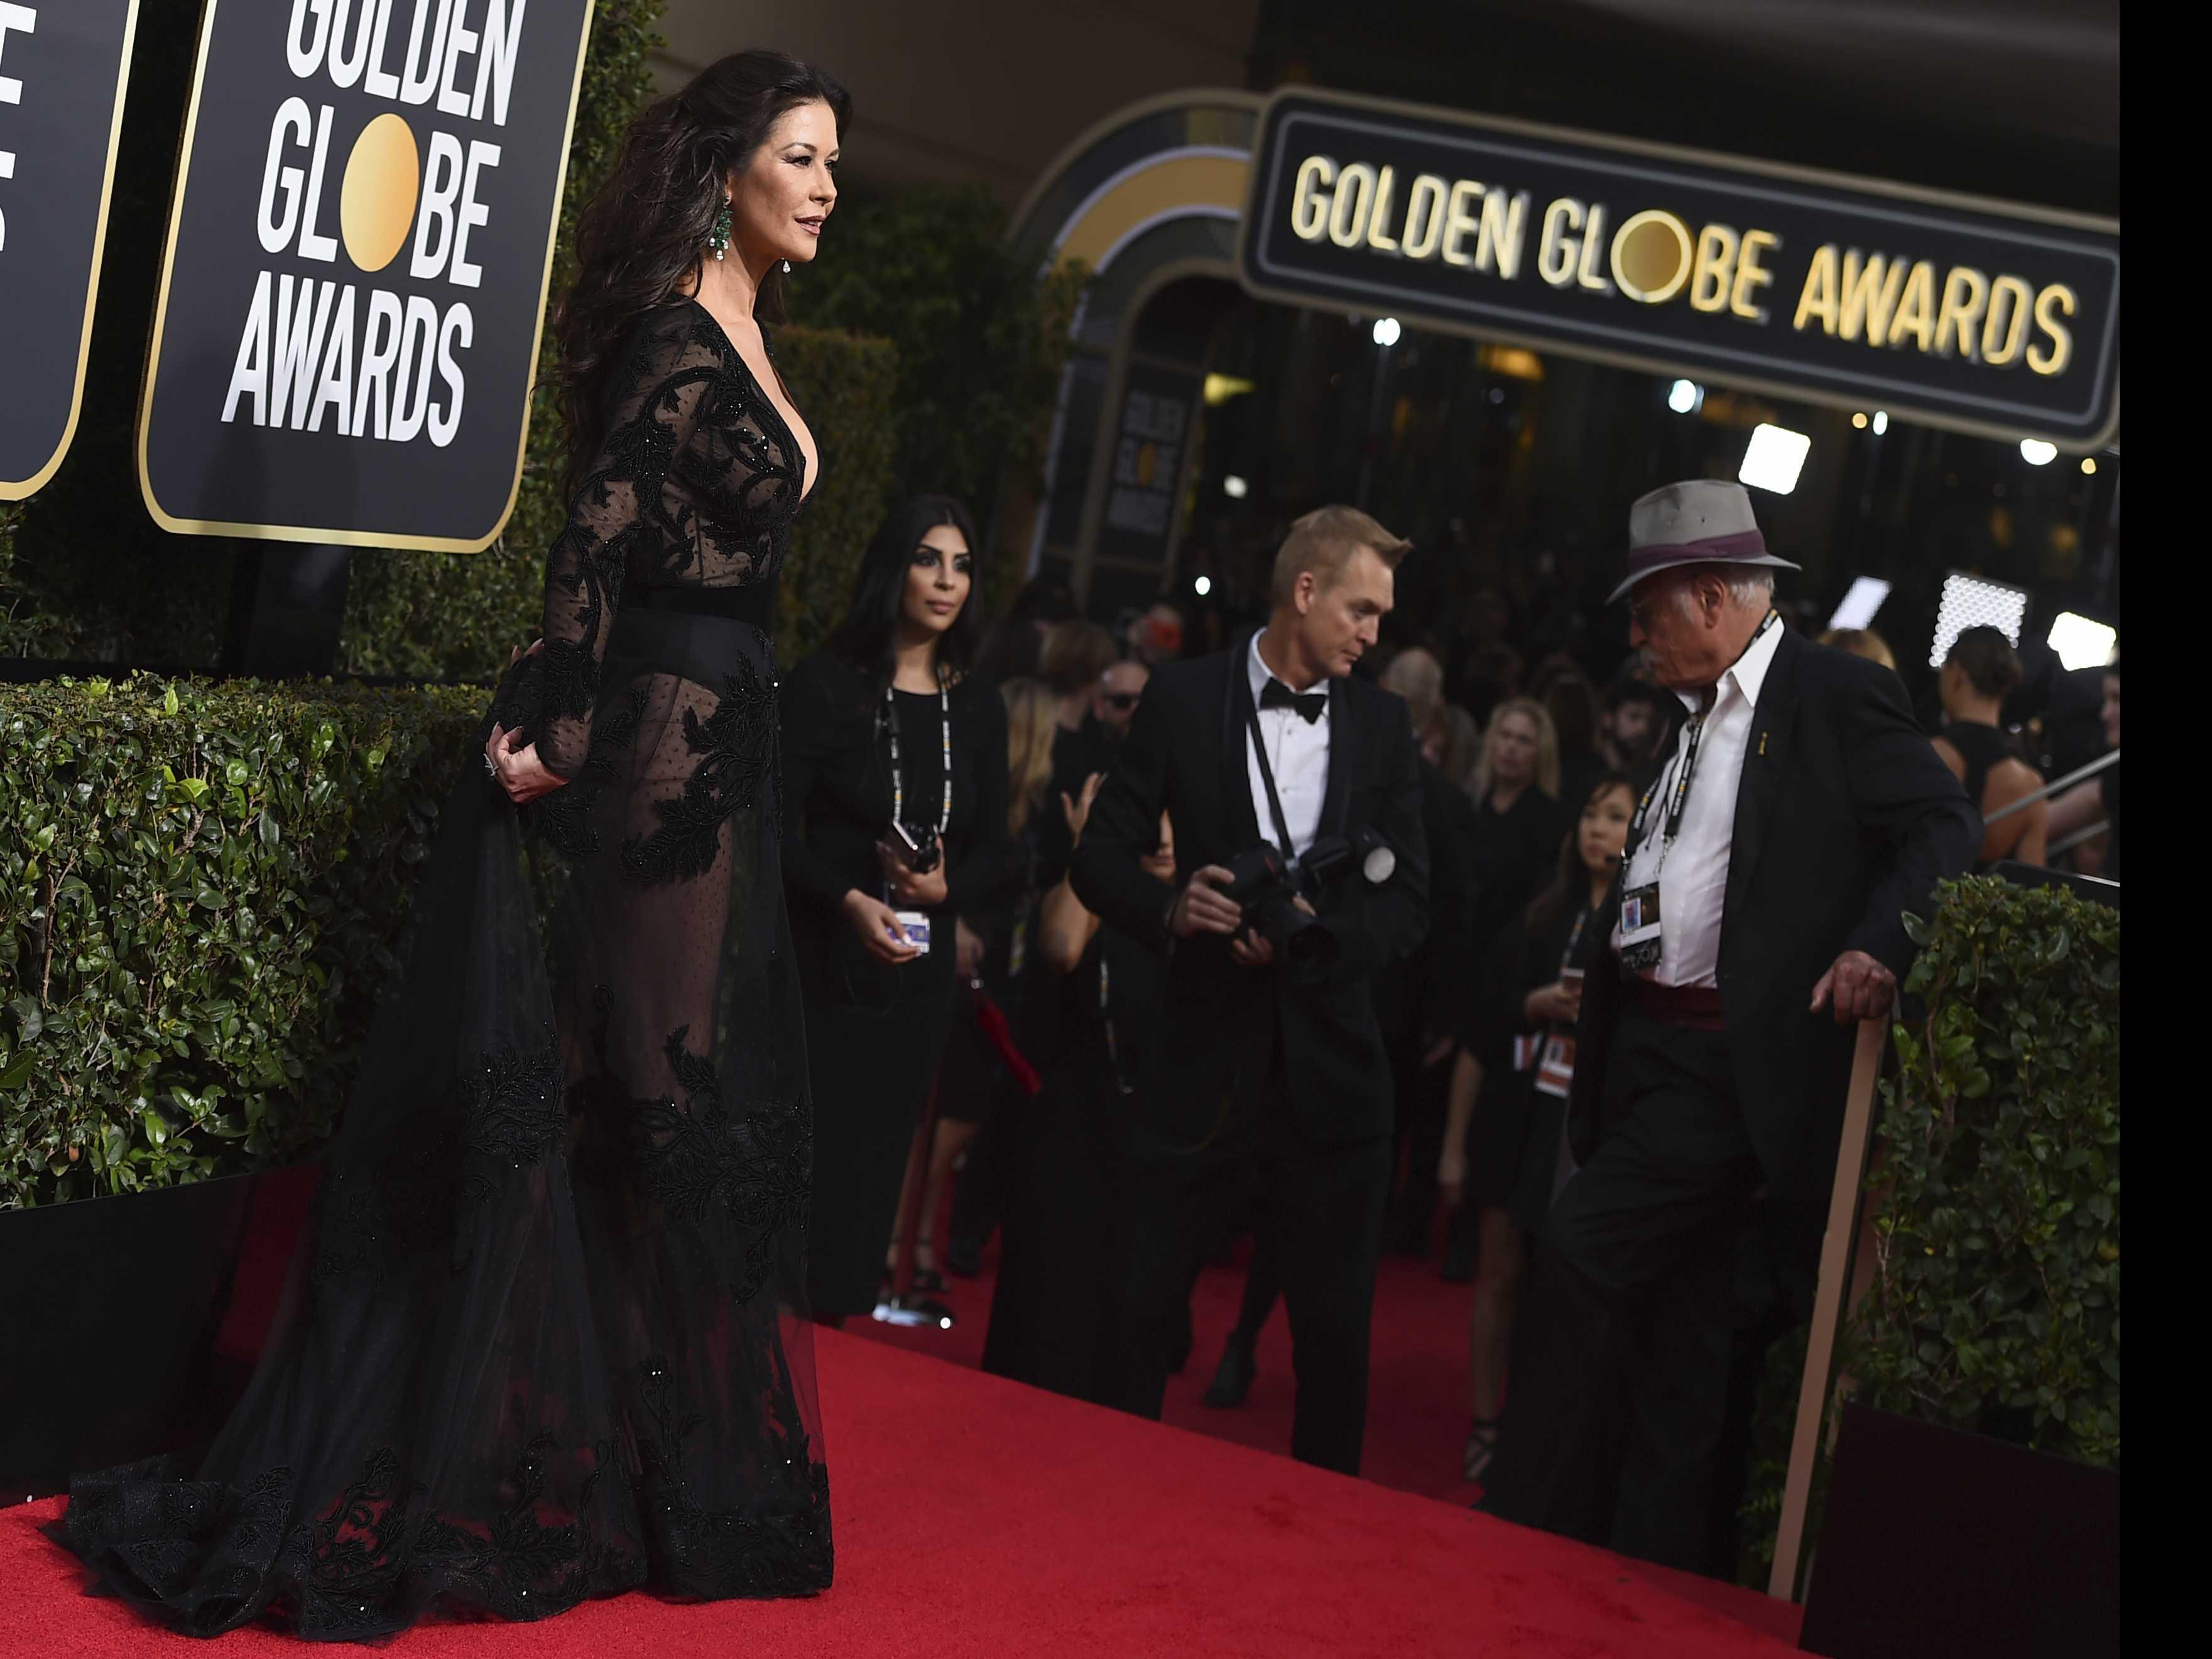 Black Dresses Dominate Golden Globes Red Carpet